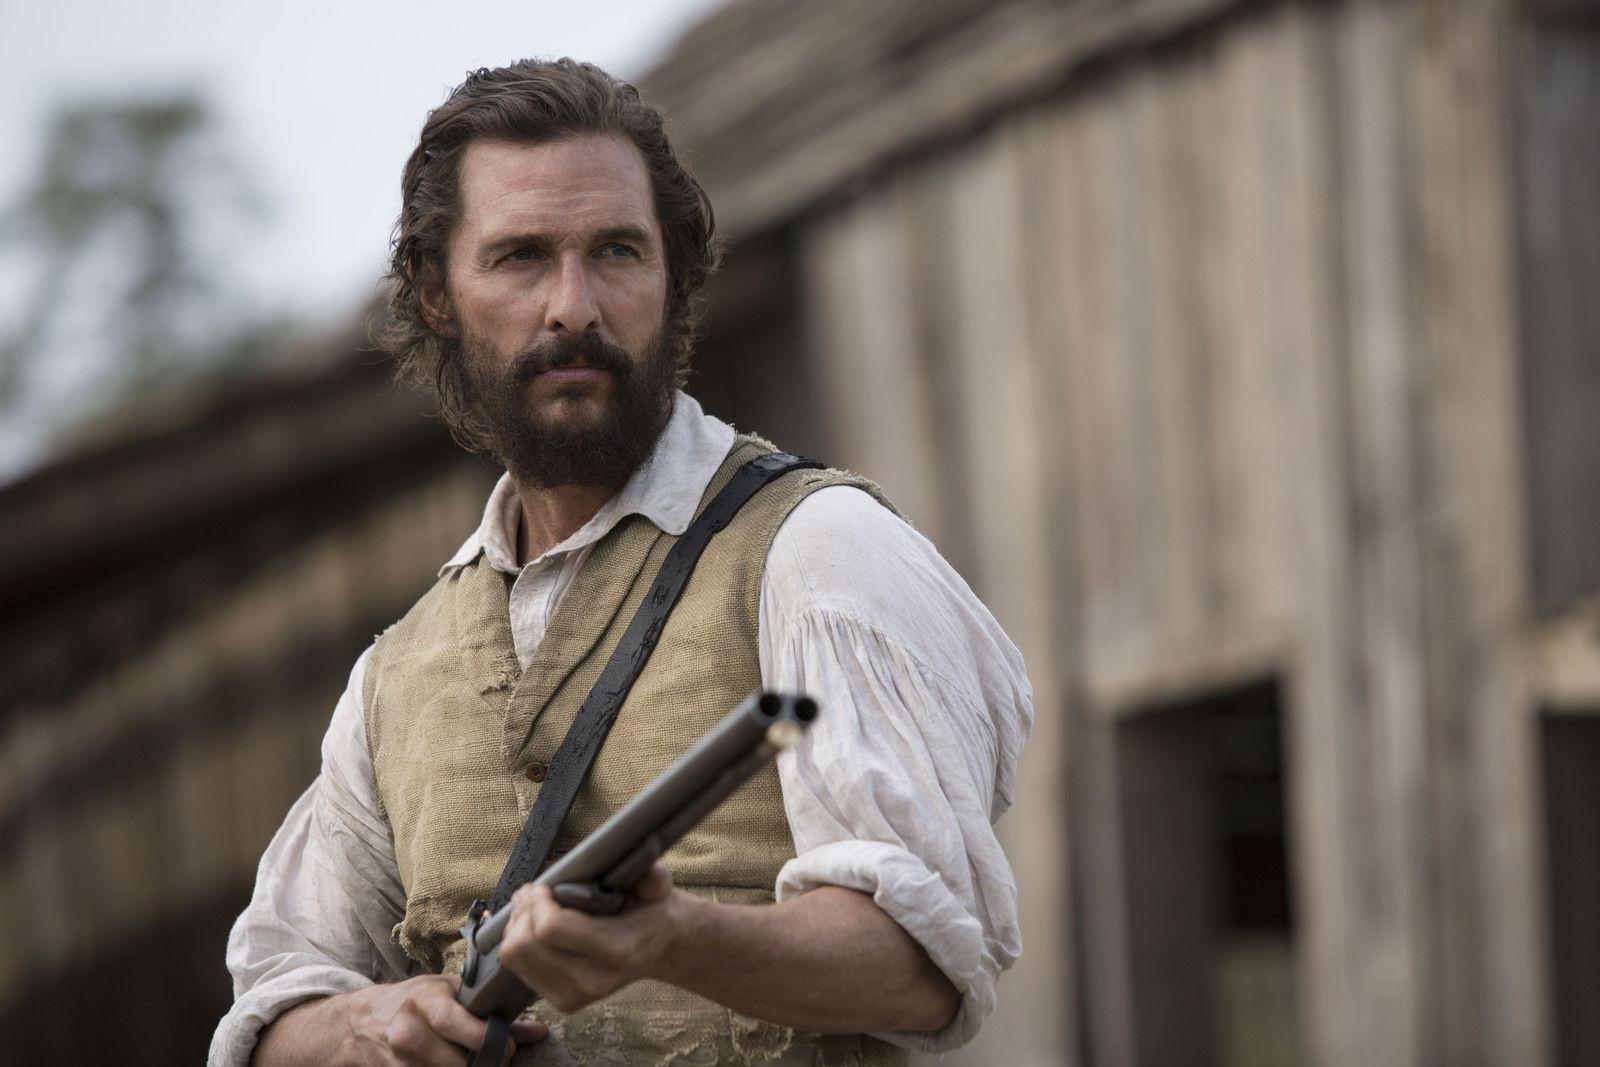 Free State Of Jones avec Matthew McConaughey : Découvrez la nouvelle bande-annonce du biopic ! Au cinéma le 14 septembre 2016